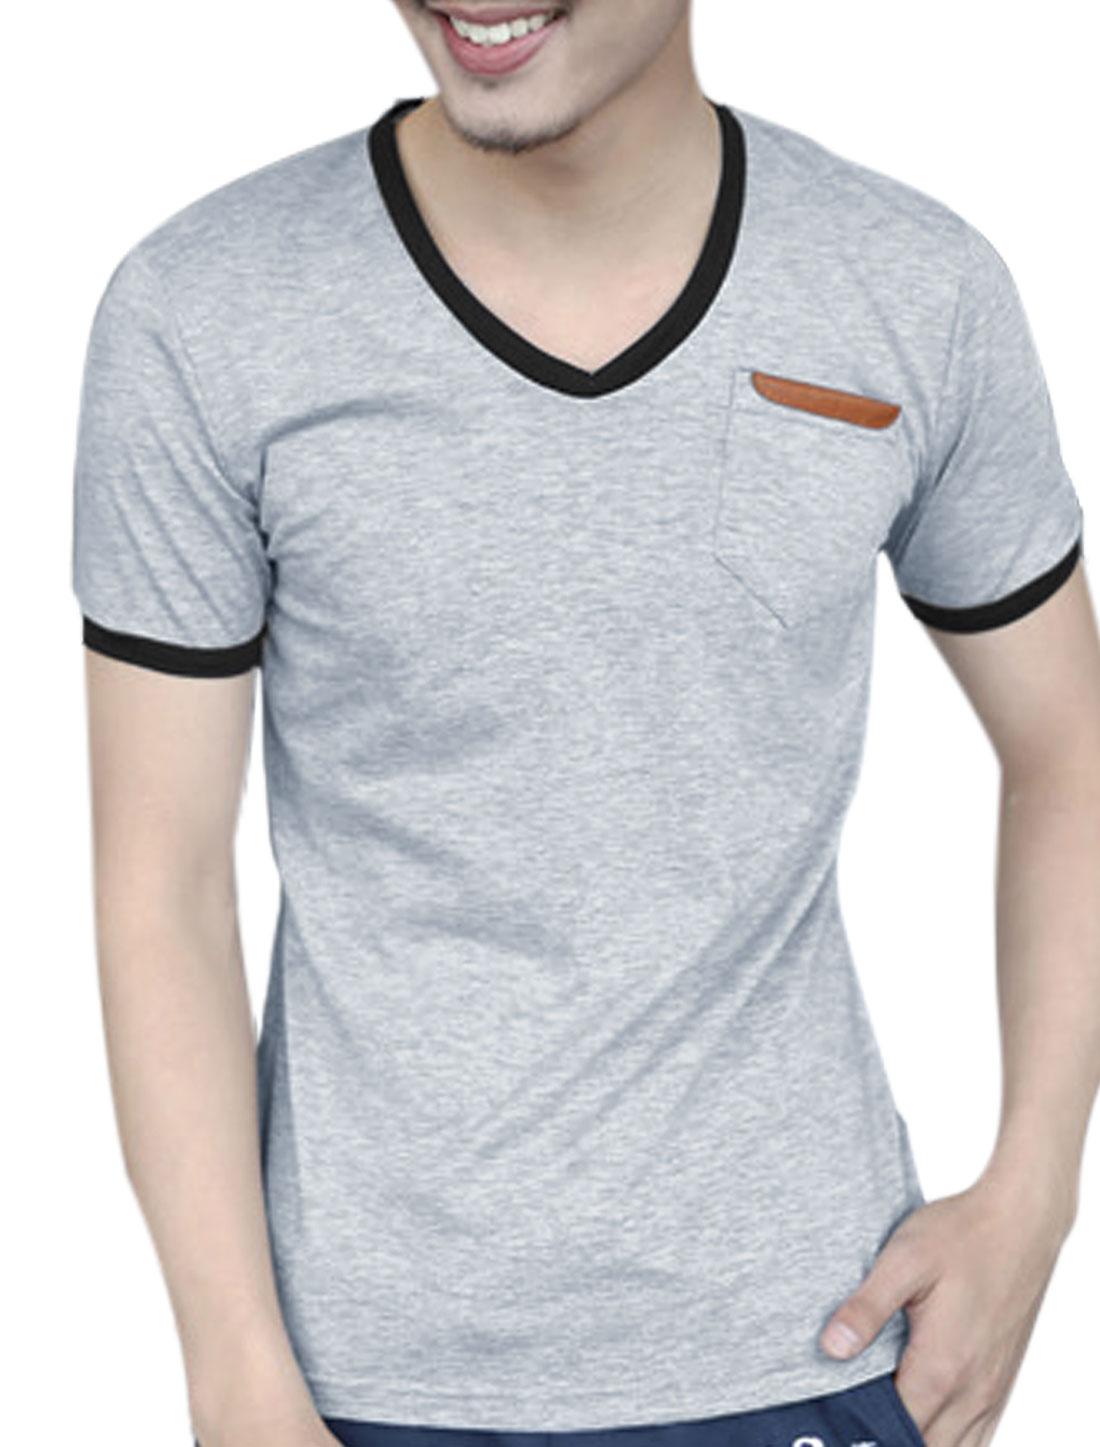 Men Summer Breast Pocket Panel Design Cozy Fit Tee Light Gray M